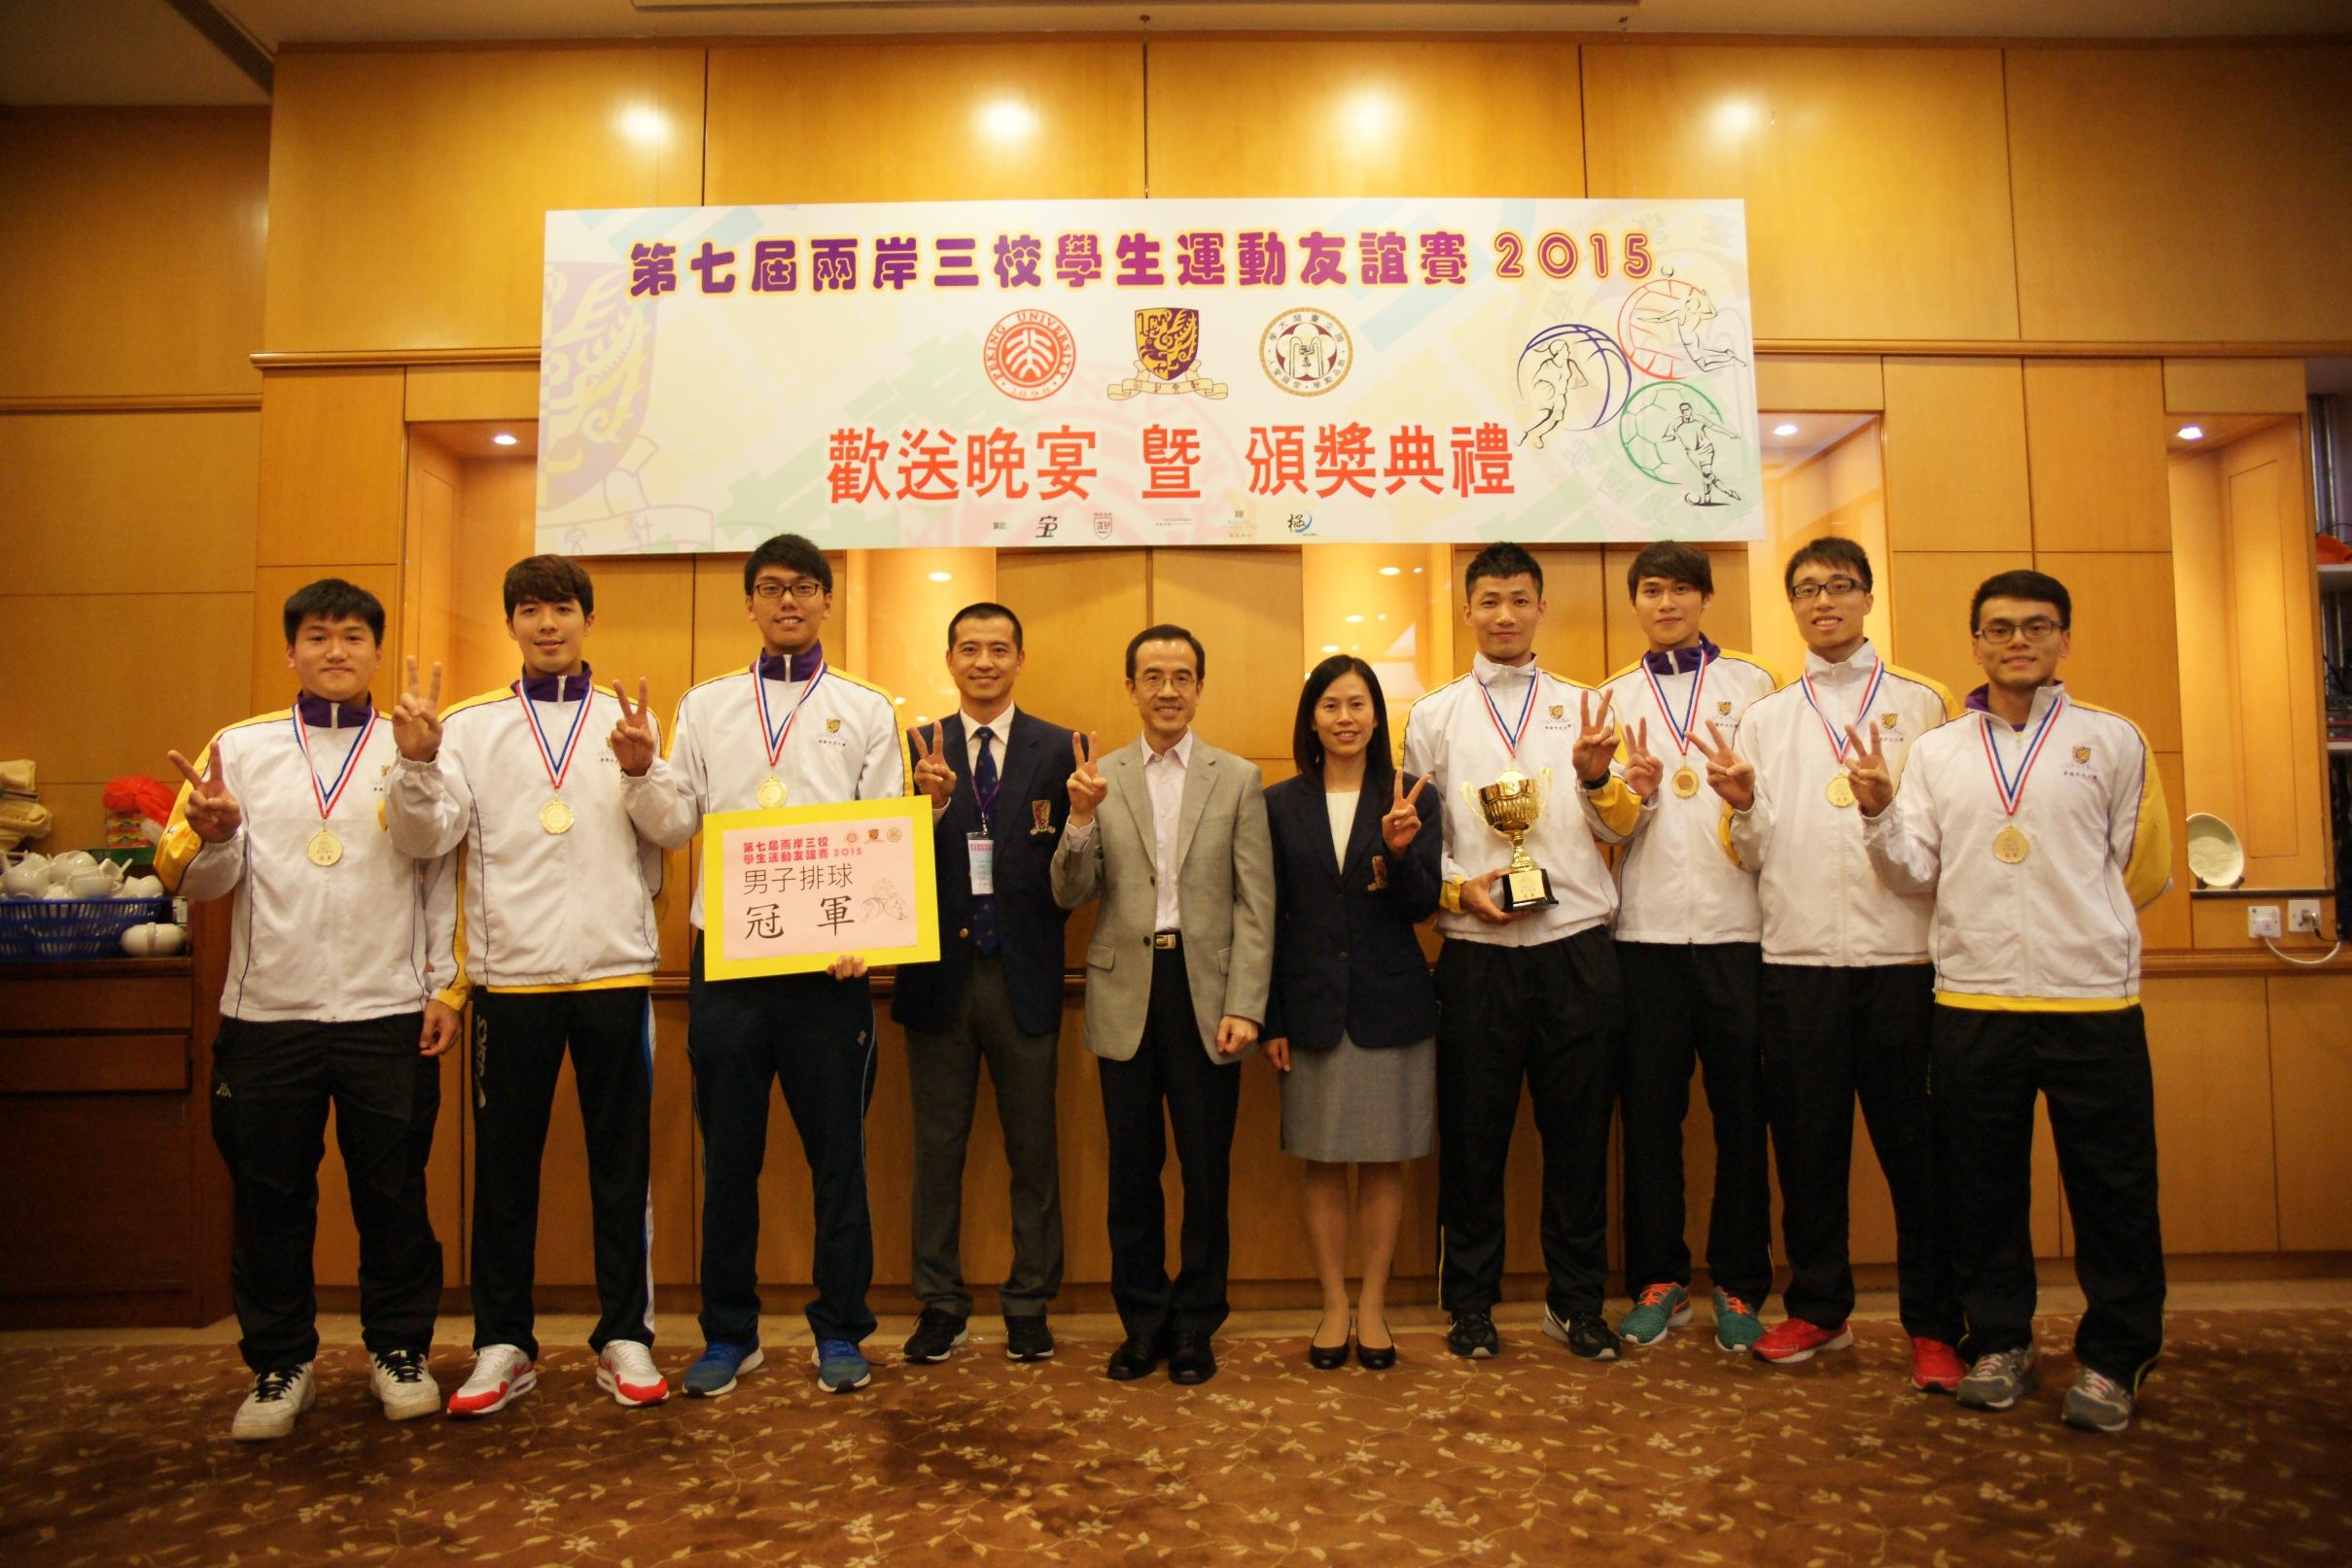 中大在男子排球項目中奪得冠軍,成績令人鼓舞。